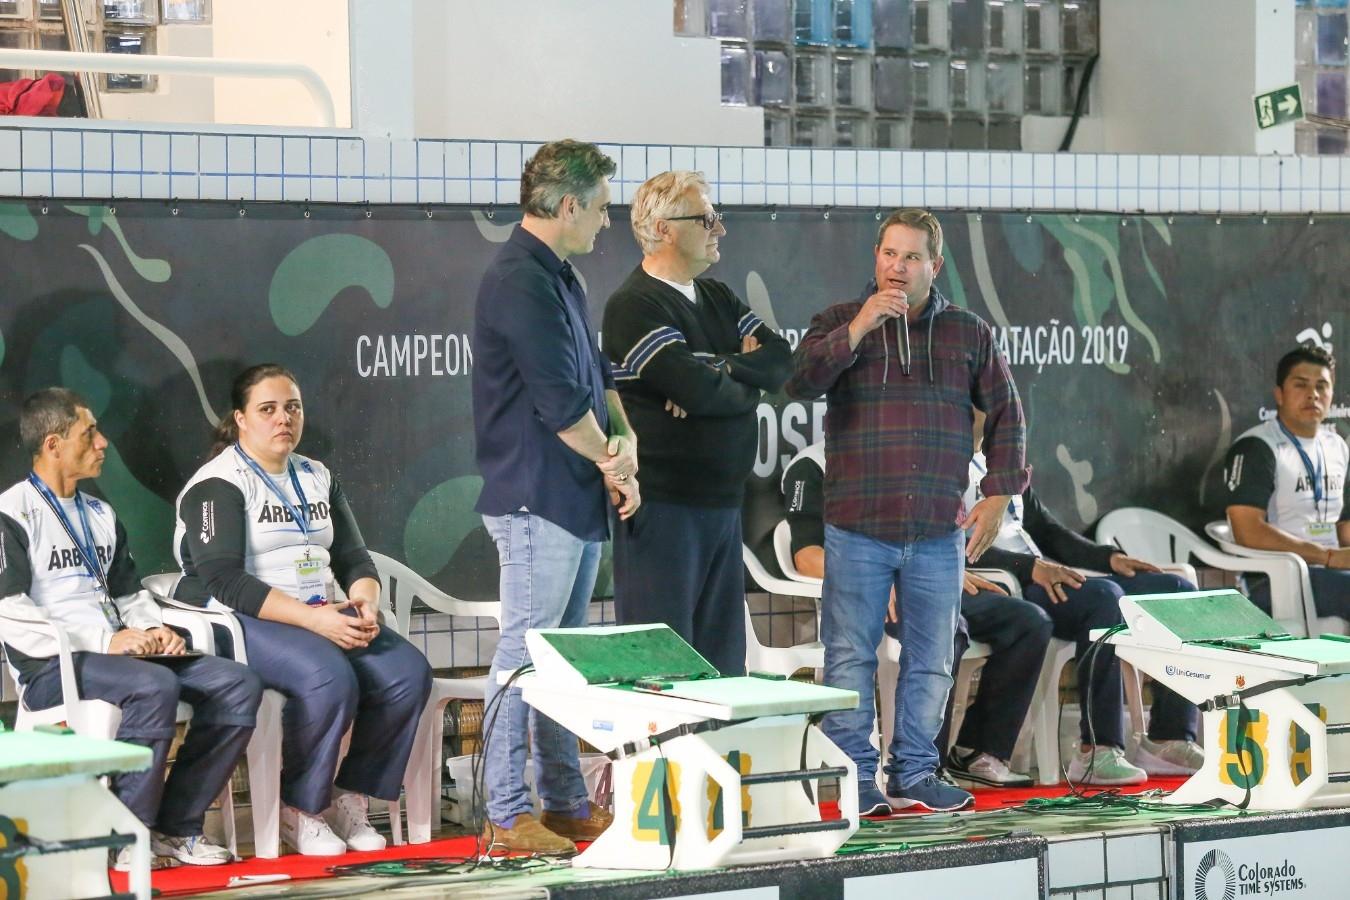 Fotos de Valterci Santos/Clube Curitibano